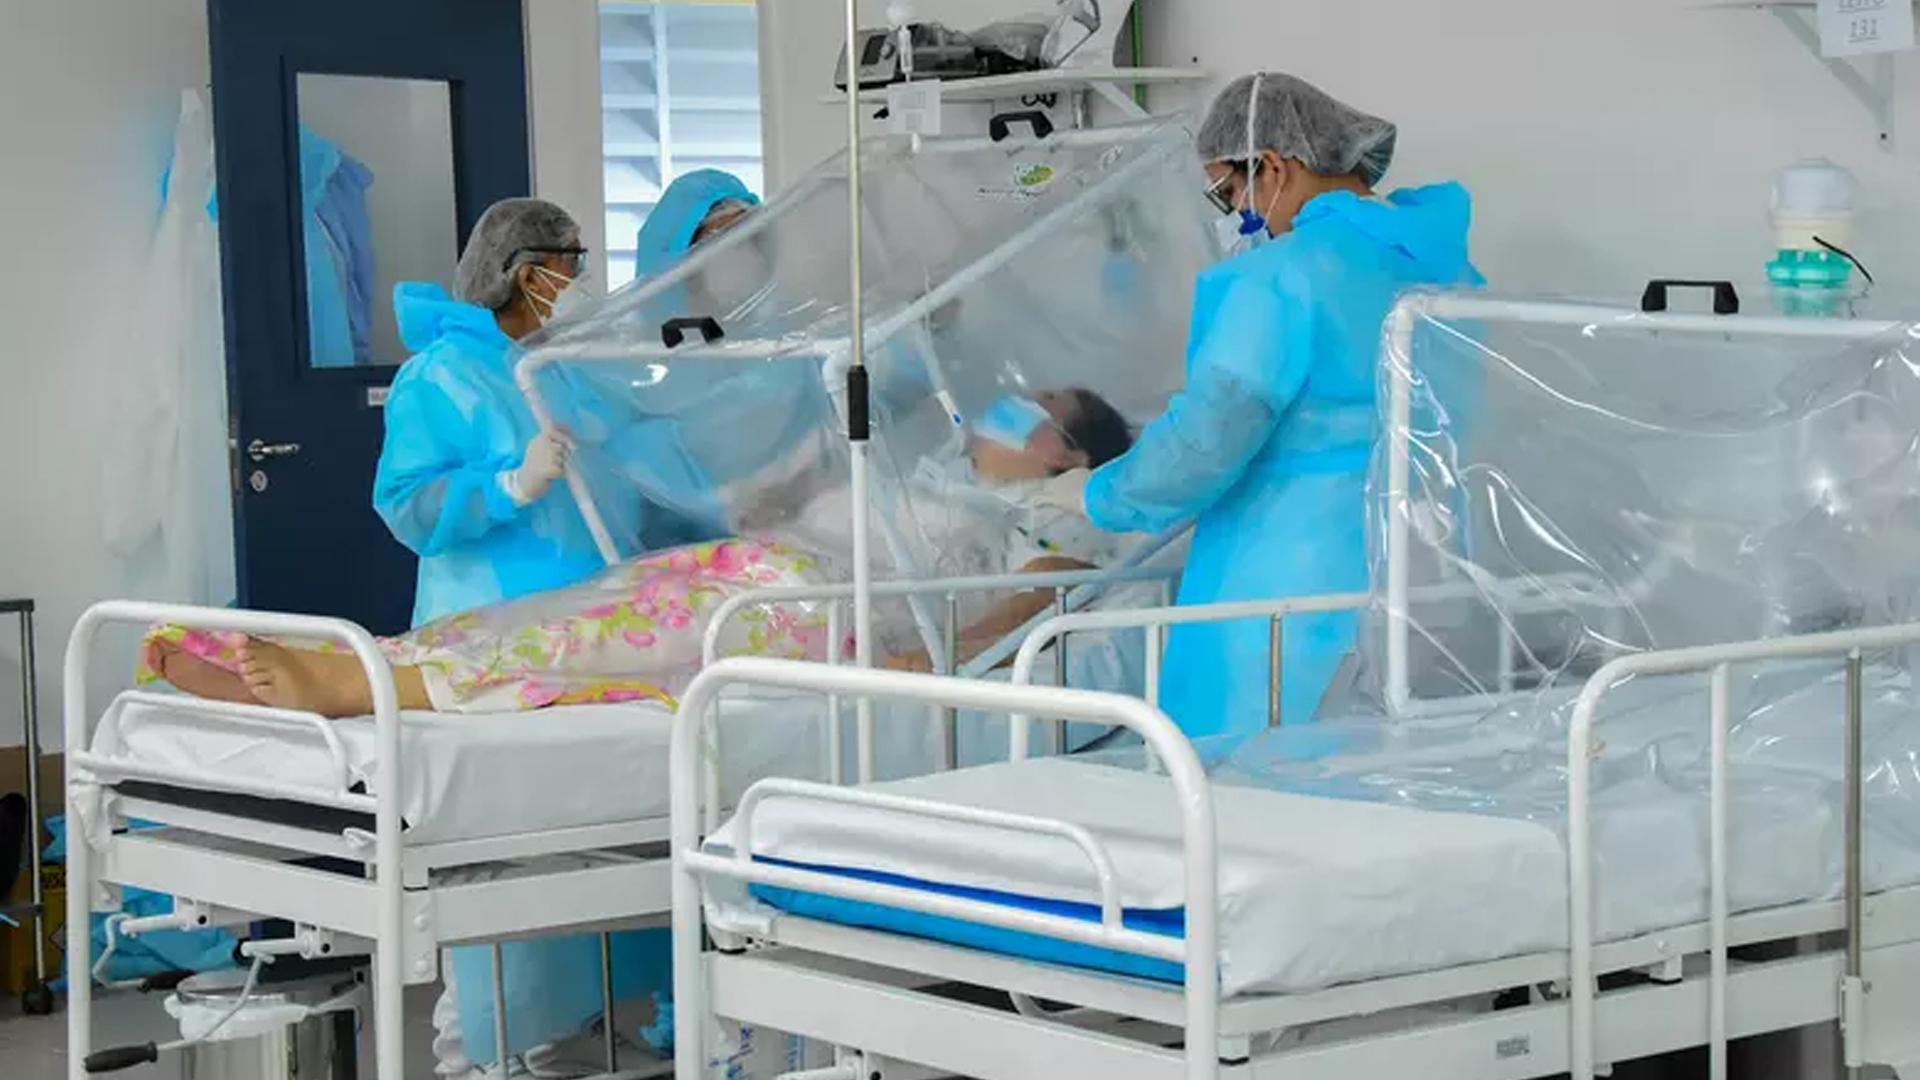 IMAGEM: Covid-19: instituto dos EUA prevê mais 100 mil mortes no Brasil nos próximos 3 meses